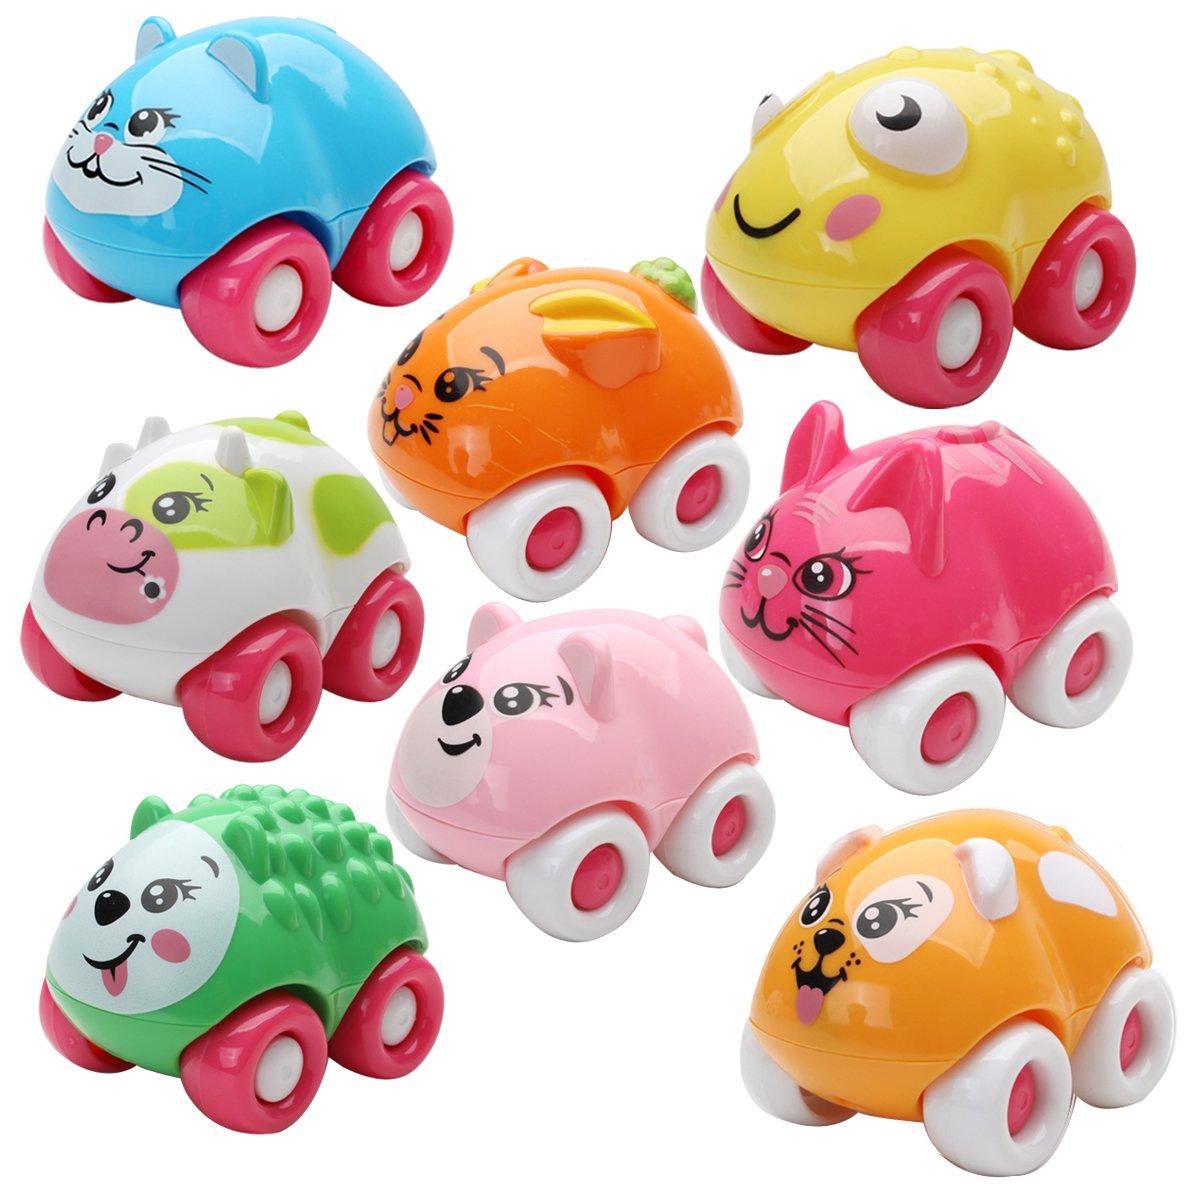 爱亲亲 儿童玩具益智早教卡通动物玩具小车正负极磁性